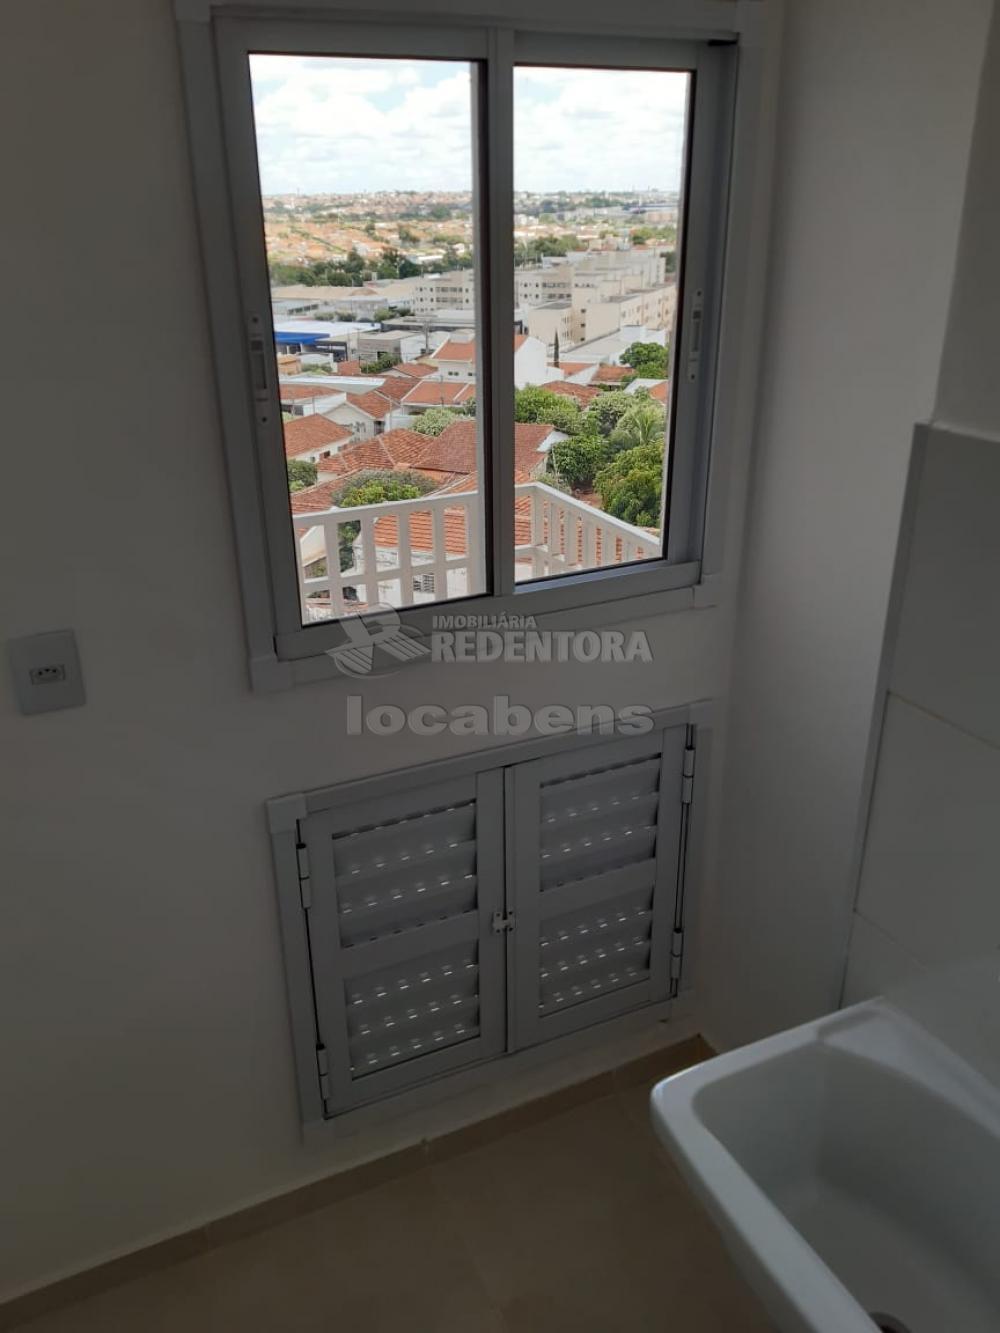 Alugar Apartamento / Padrão em São José do Rio Preto R$ 1.100,00 - Foto 5